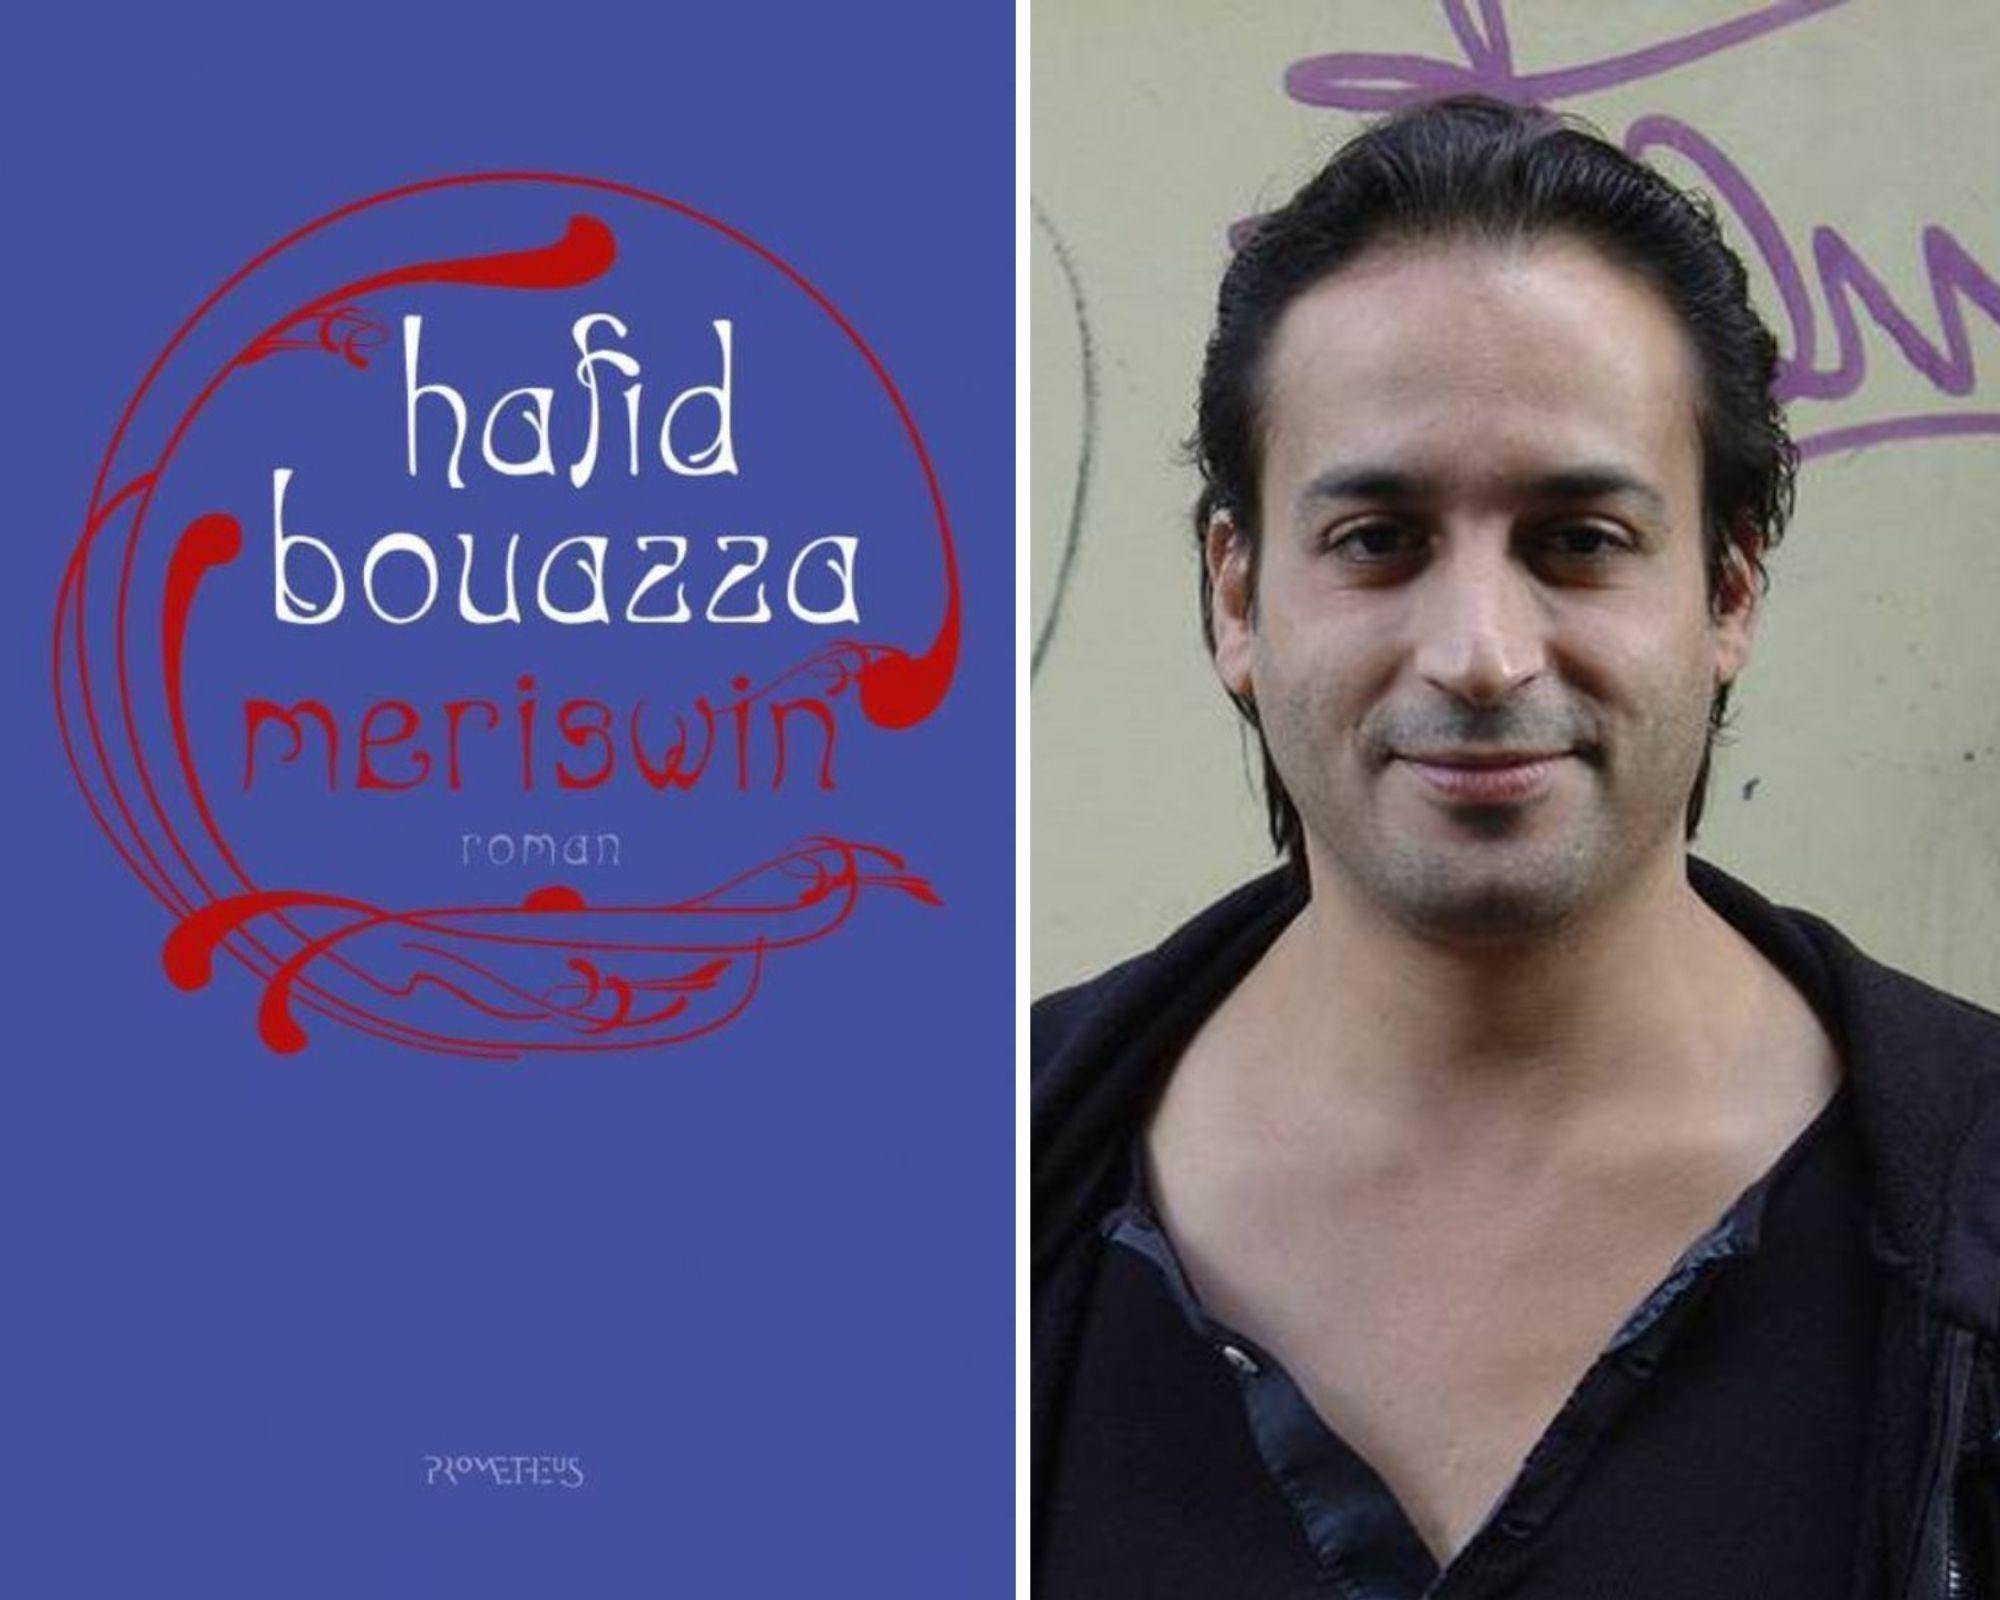 Bouazza met Meriswin